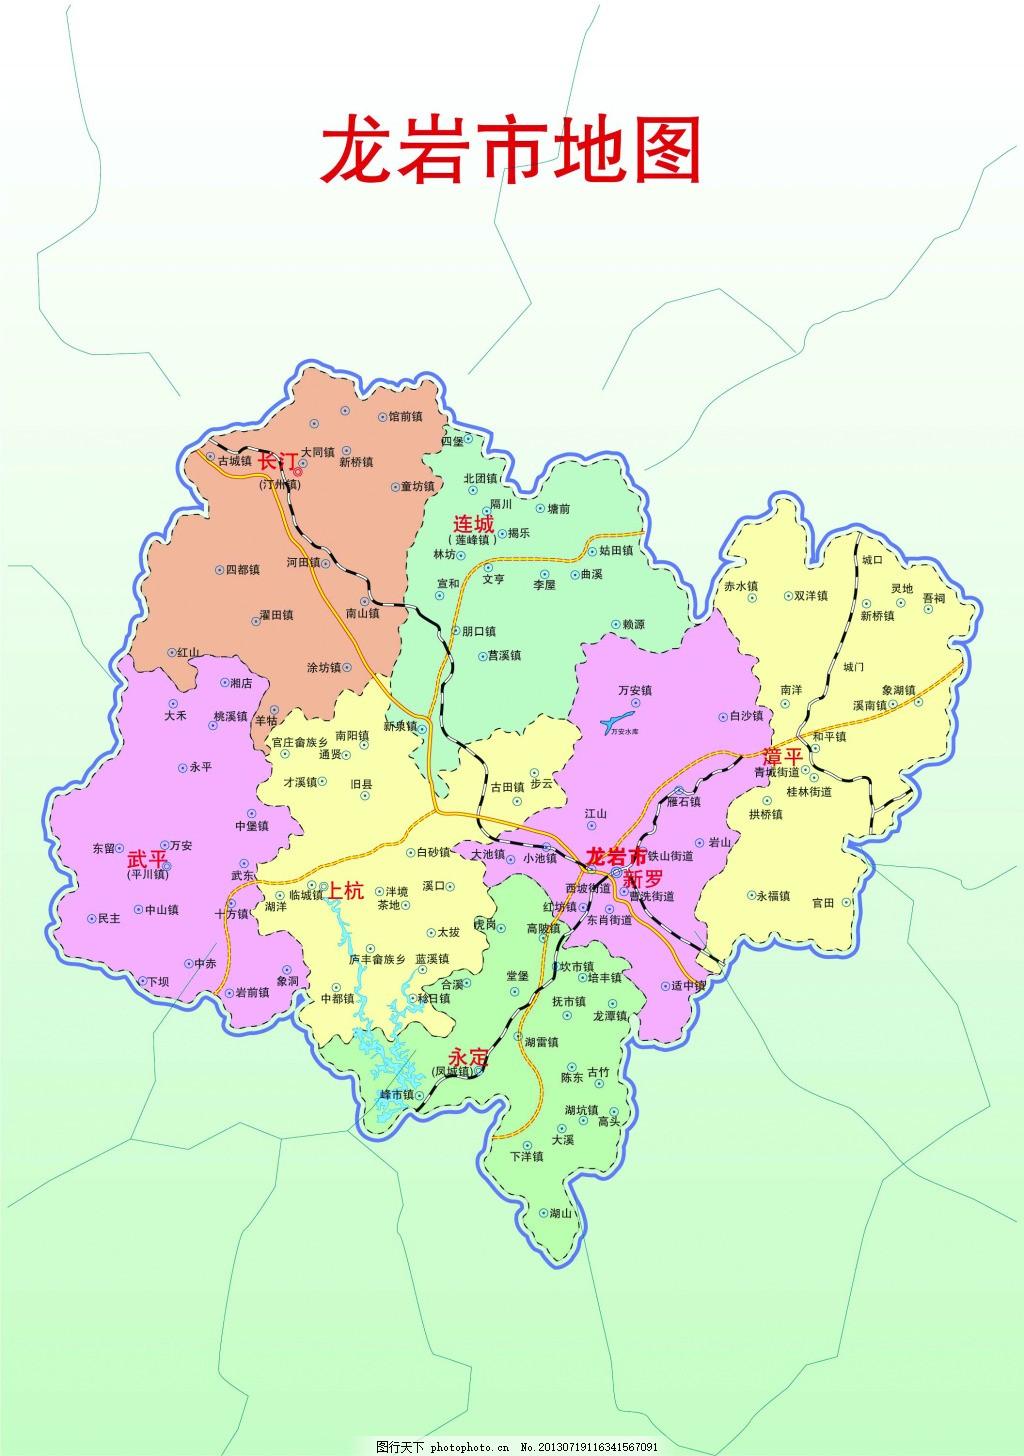 龙岩市地图_龙岩市地图图片_自然风景_高清素材_图行天下图库